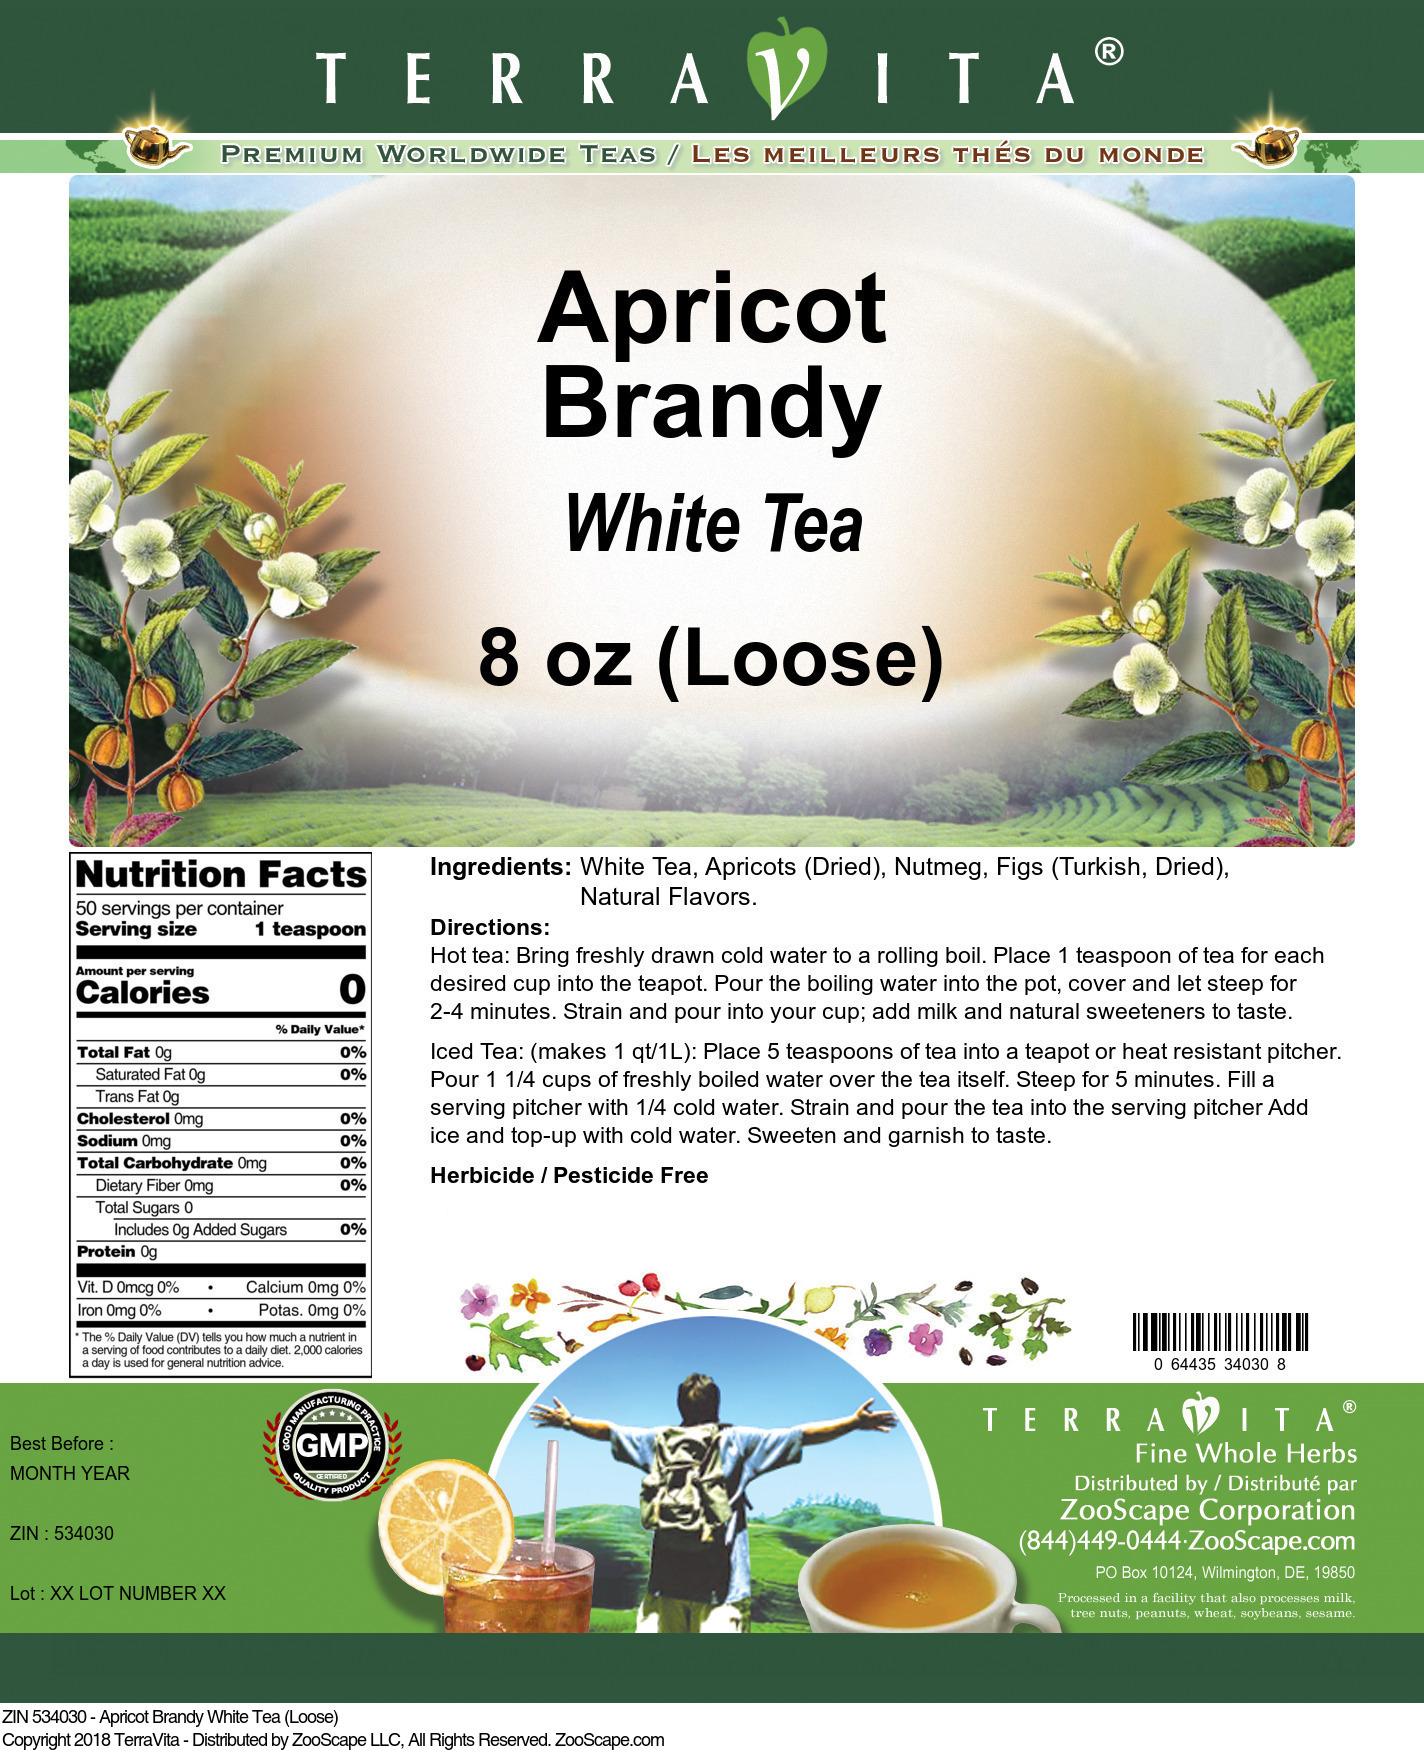 Apricot Brandy White Tea (Loose)